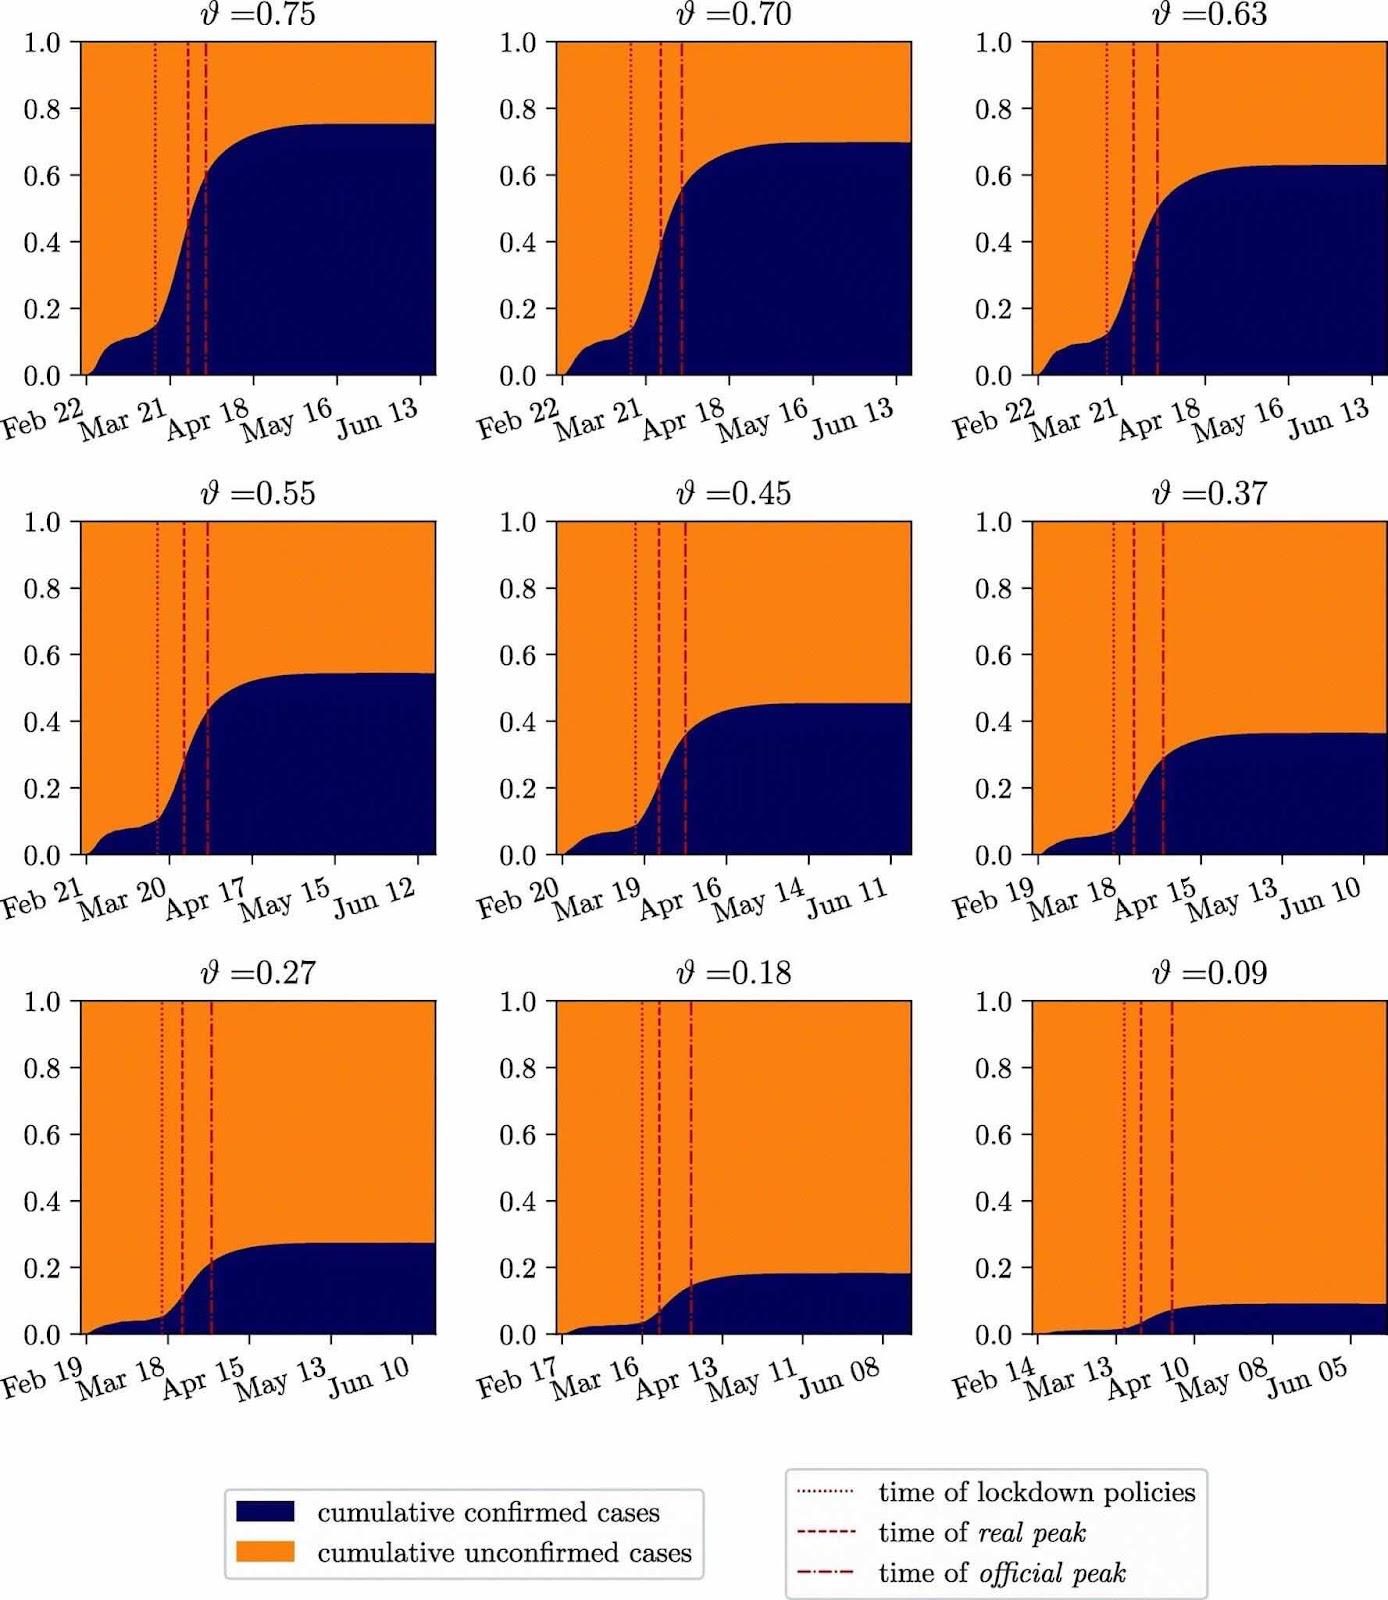 Một nghiên cứu về số ca phát hiện (màu xanh) và số ca nhiễm trong cộng đồng (màu cam) theo nhiều giả định. Nhưng biểu đồ nói lên rằng số ca nhiễm trong cộng đồng cao hơn nhiều số ca phát hiện.  Nguồn: https://bmcinfectdis.biomedcentral.com/articles/10.1186/s12879-020-05737-6/figures/5